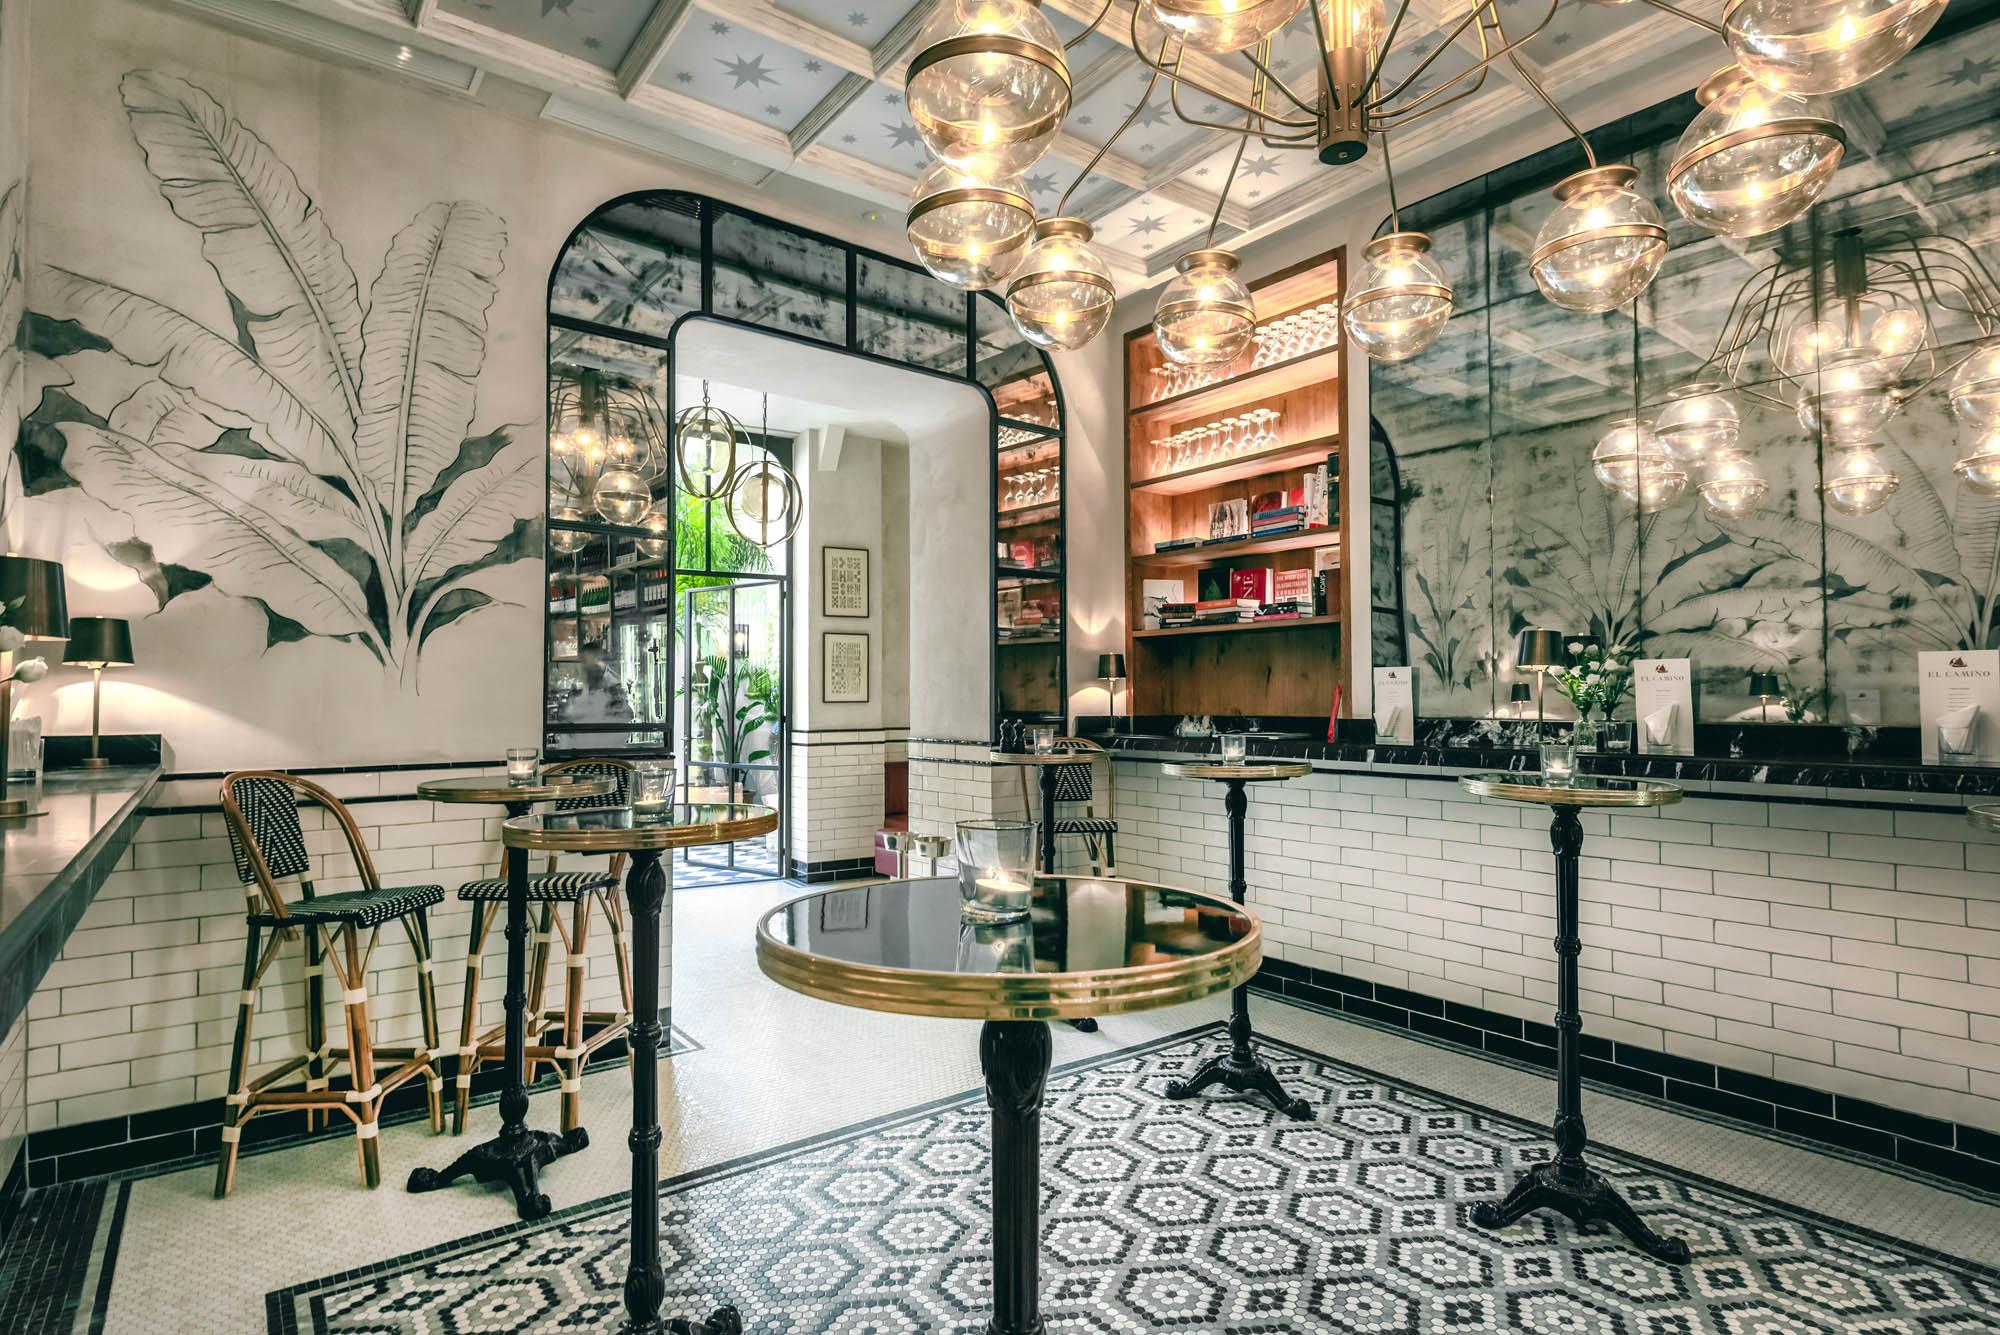 'El Camino' es un espacio elegante, con techos altos, suelos de mosaico y taburetes tapizados. Foto: 'El Camino'.